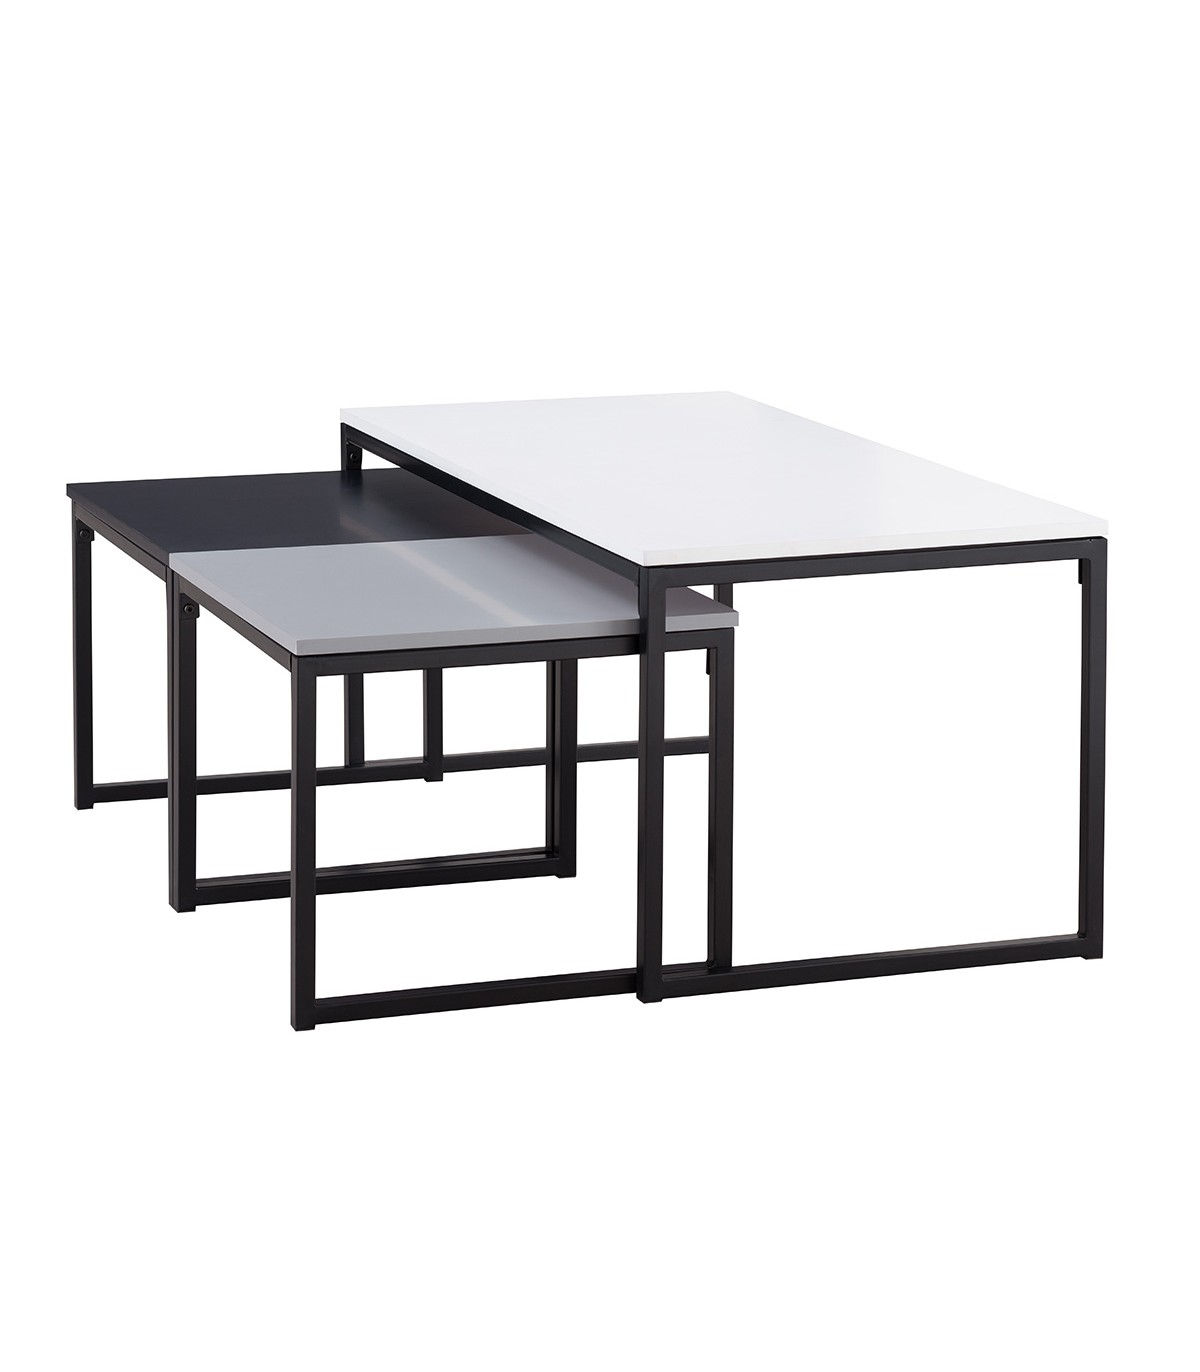 Lot de 3 Tables basses avec pieds métalliques - Noir, gris et blanc